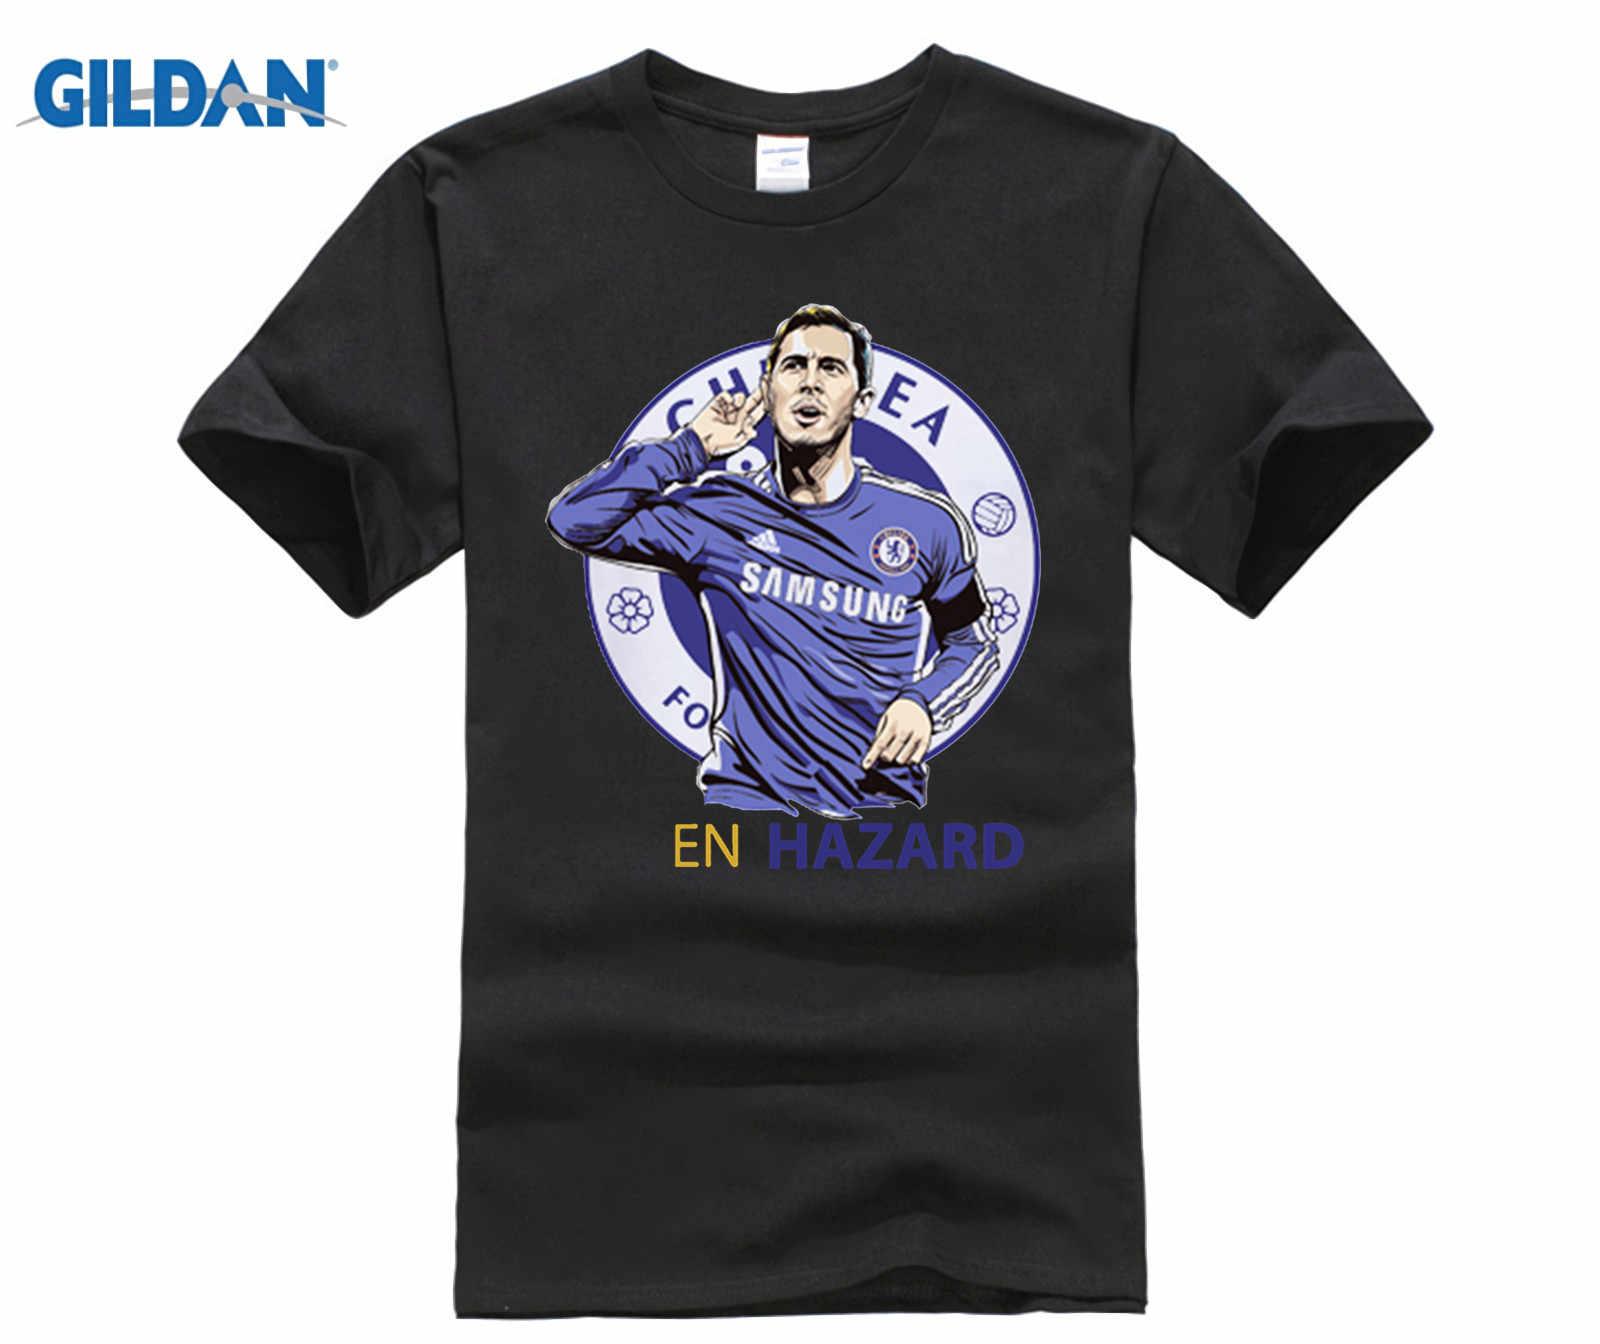 low priced 15aa7 e86c4 Men's Short sleeve t-shirt Eden Hazard Belgien Lille Rijsel Premier League  London Red Devils 100% cotton t shirt